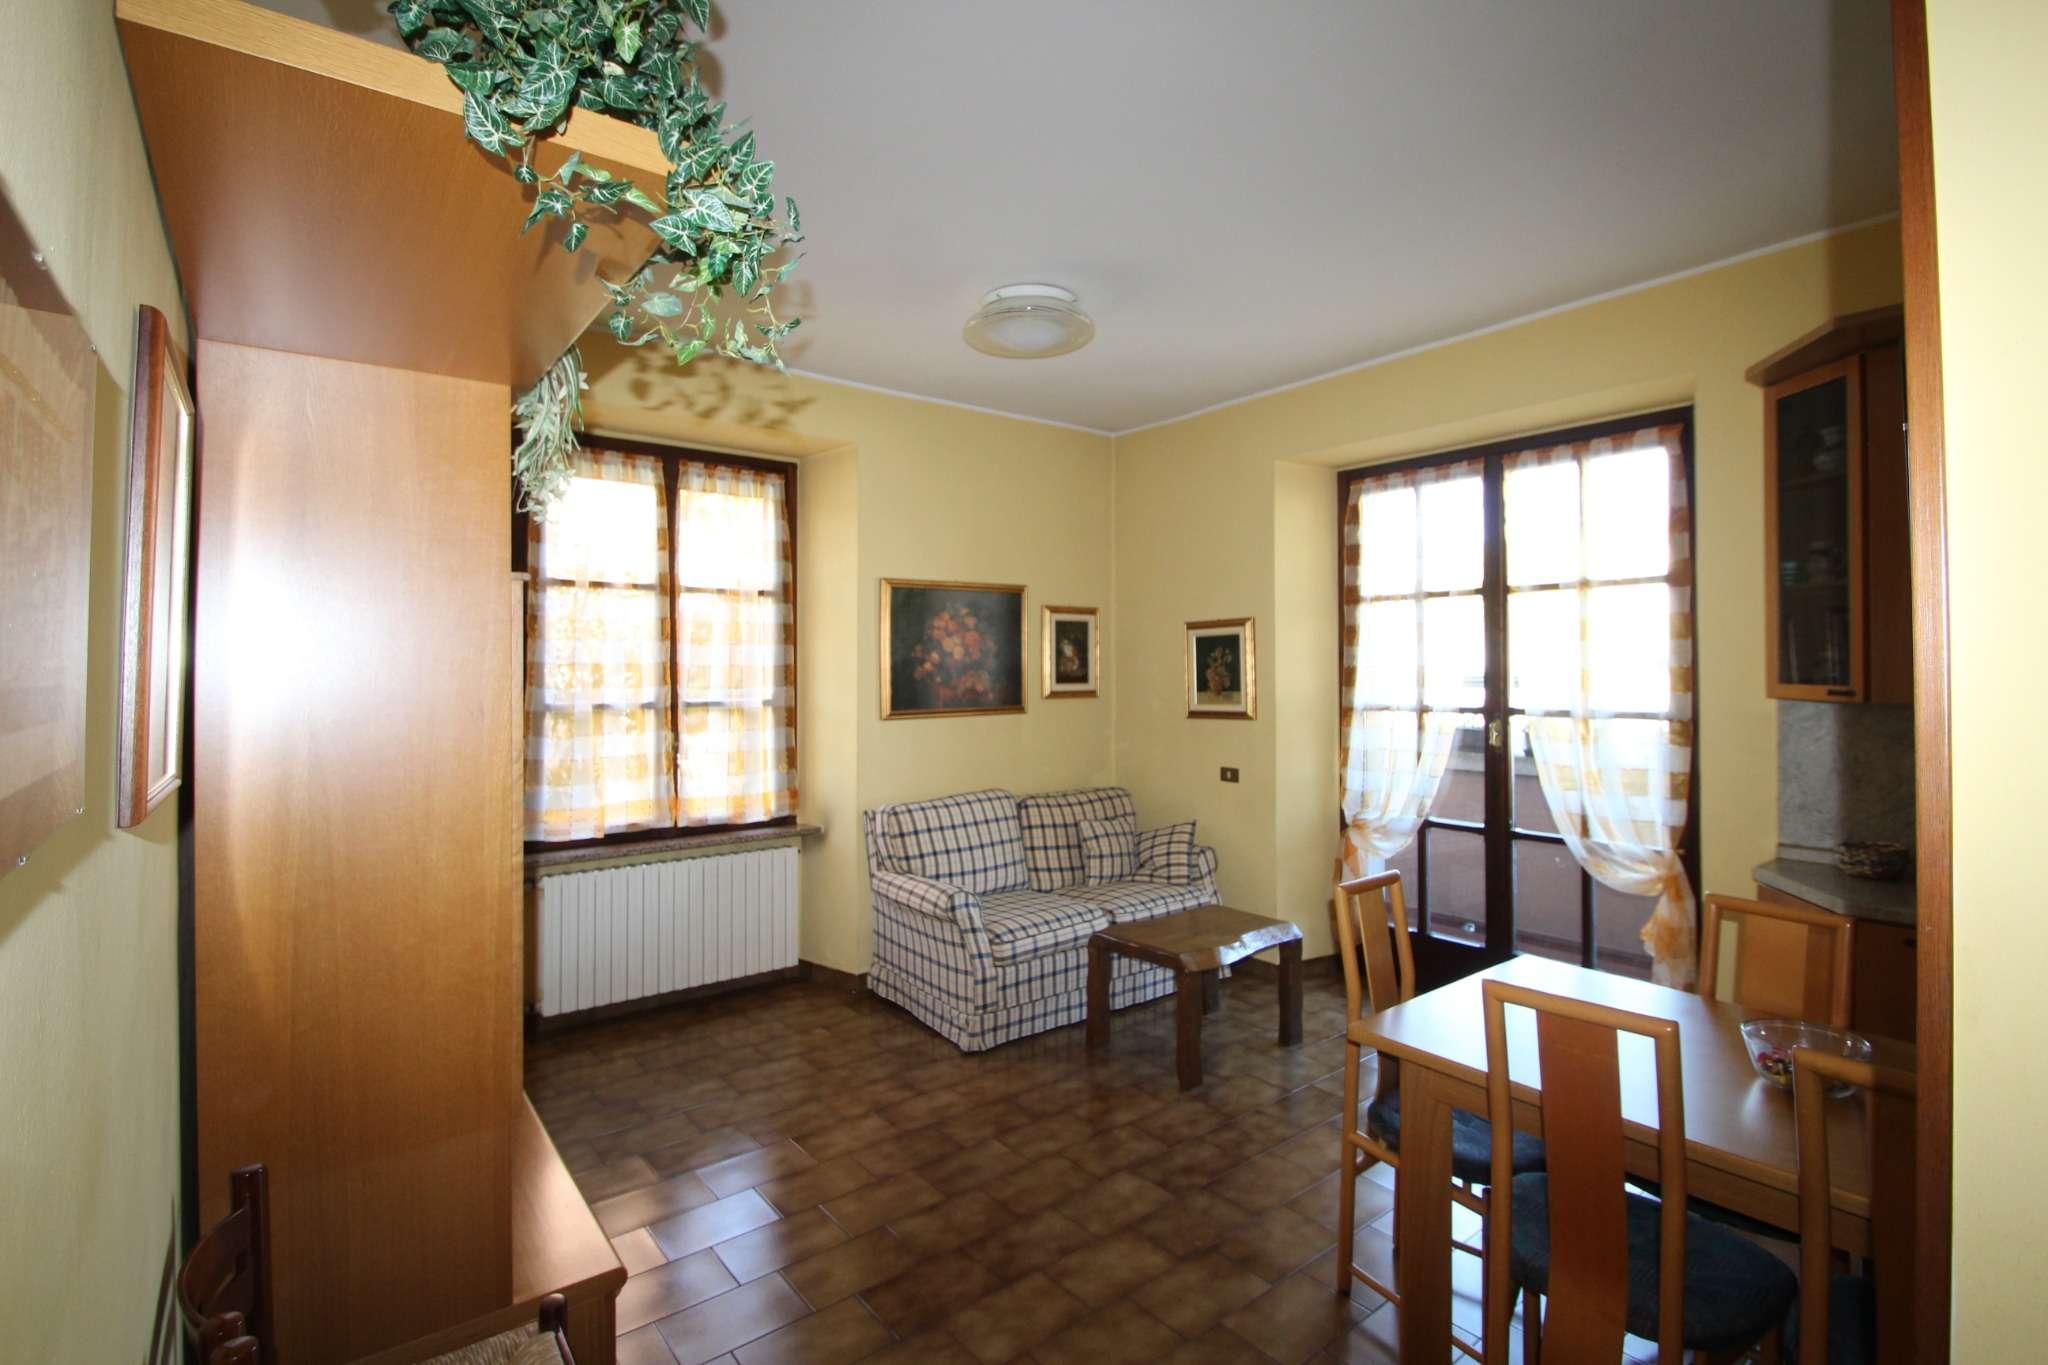 Appartamento in vendita a Ponte San Pietro, 3 locali, prezzo € 89.000 | PortaleAgenzieImmobiliari.it